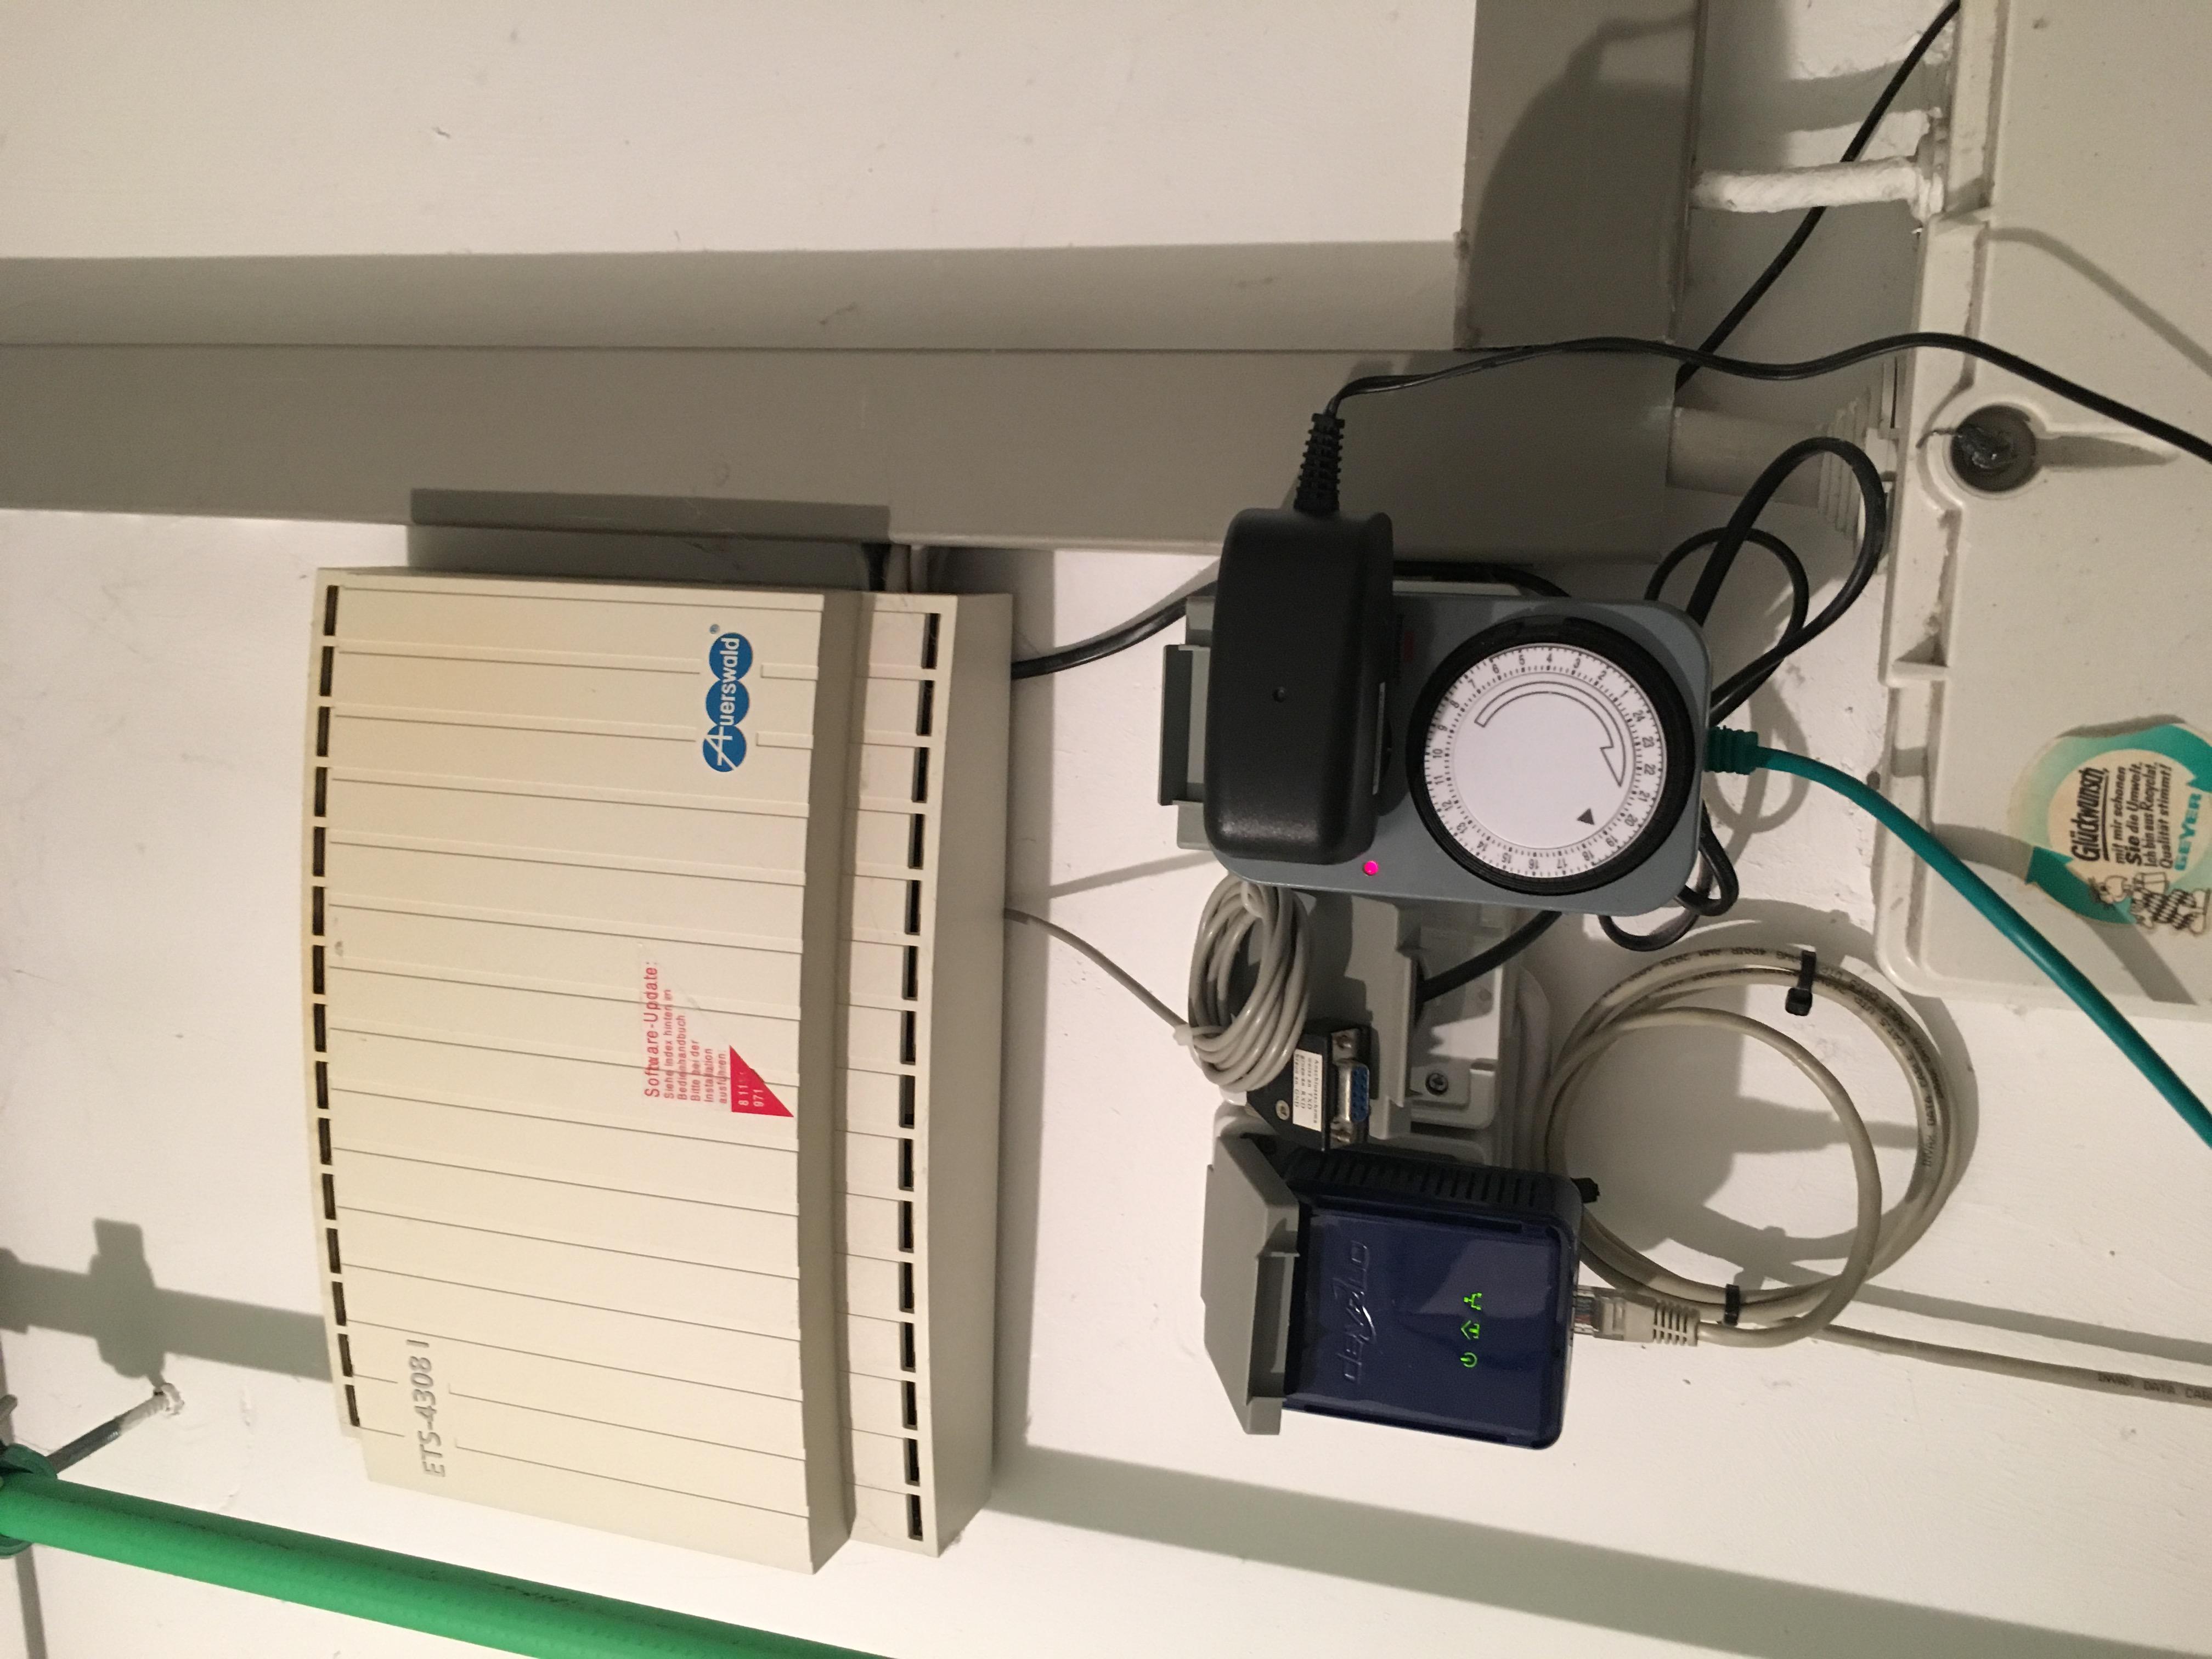 gel st installation des hybridrouters ohne telefondose h. Black Bedroom Furniture Sets. Home Design Ideas